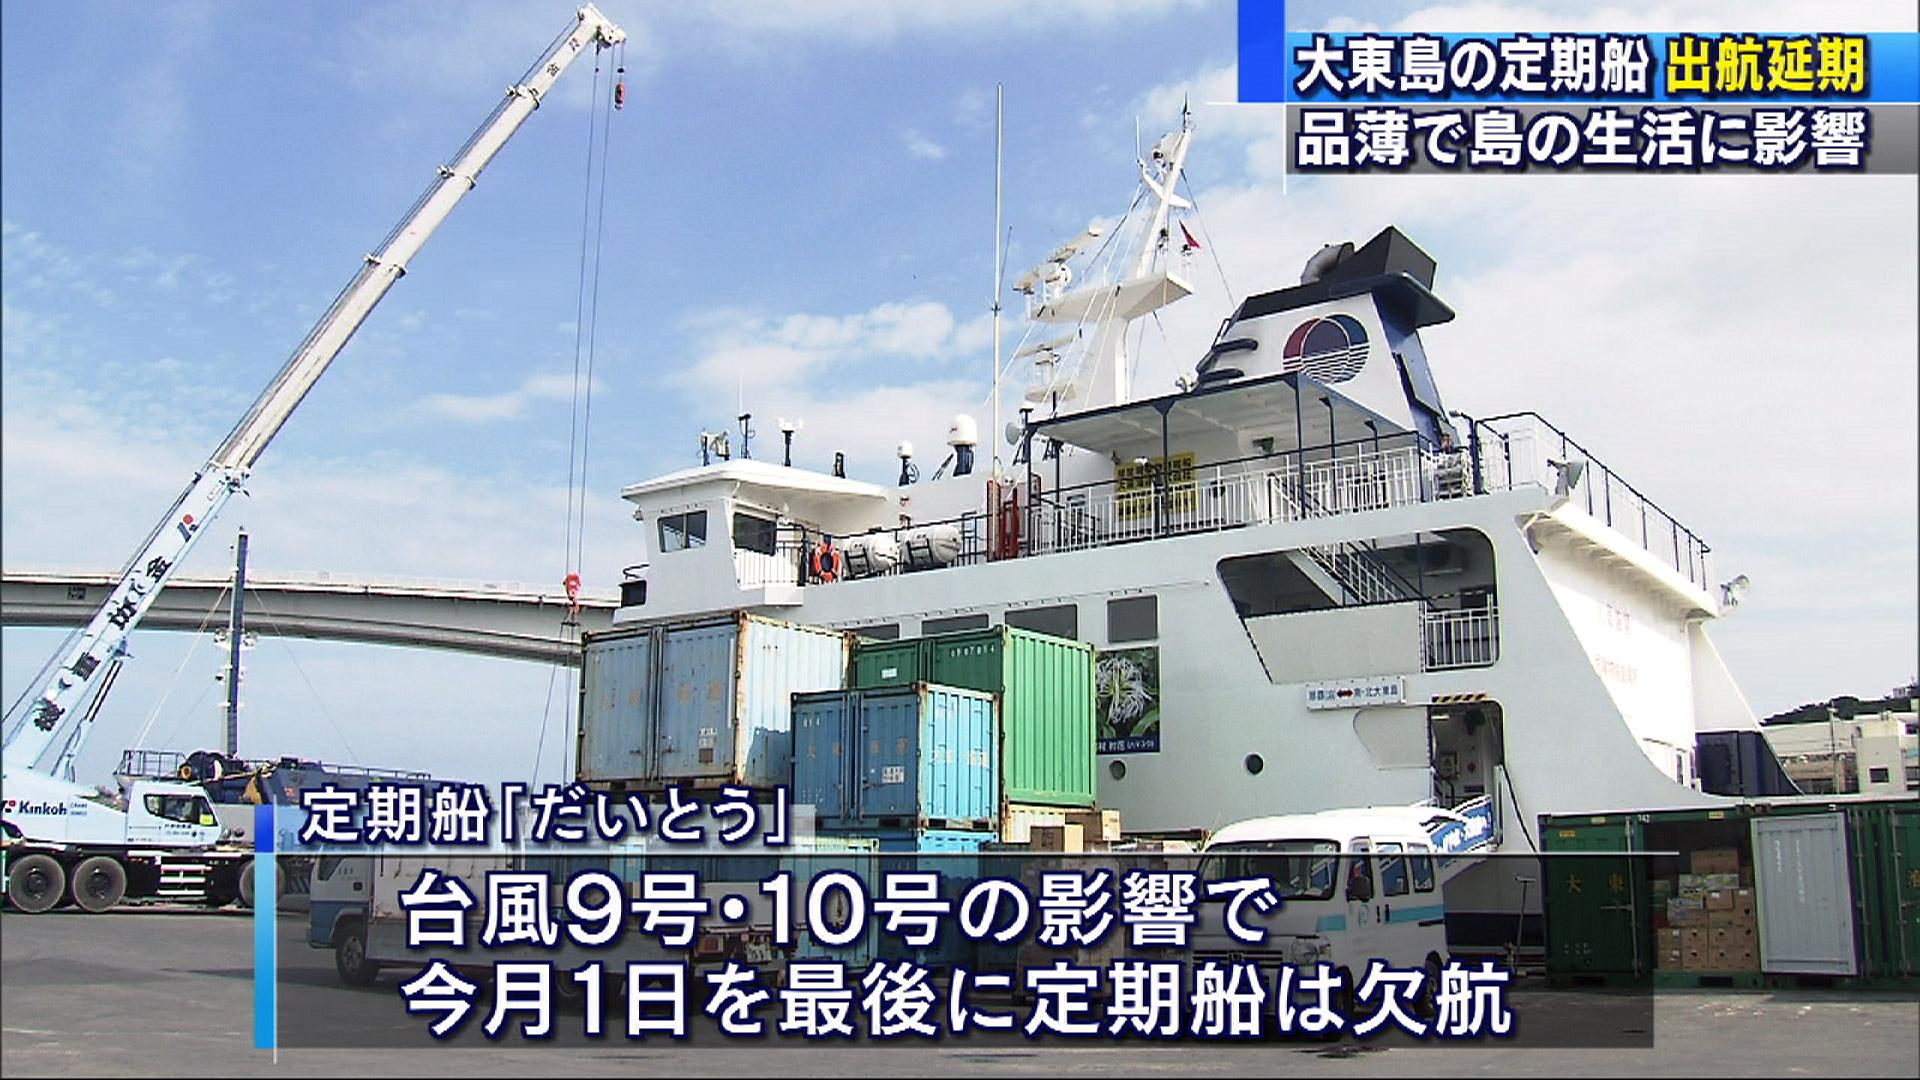 大東島の定期船明日に延期